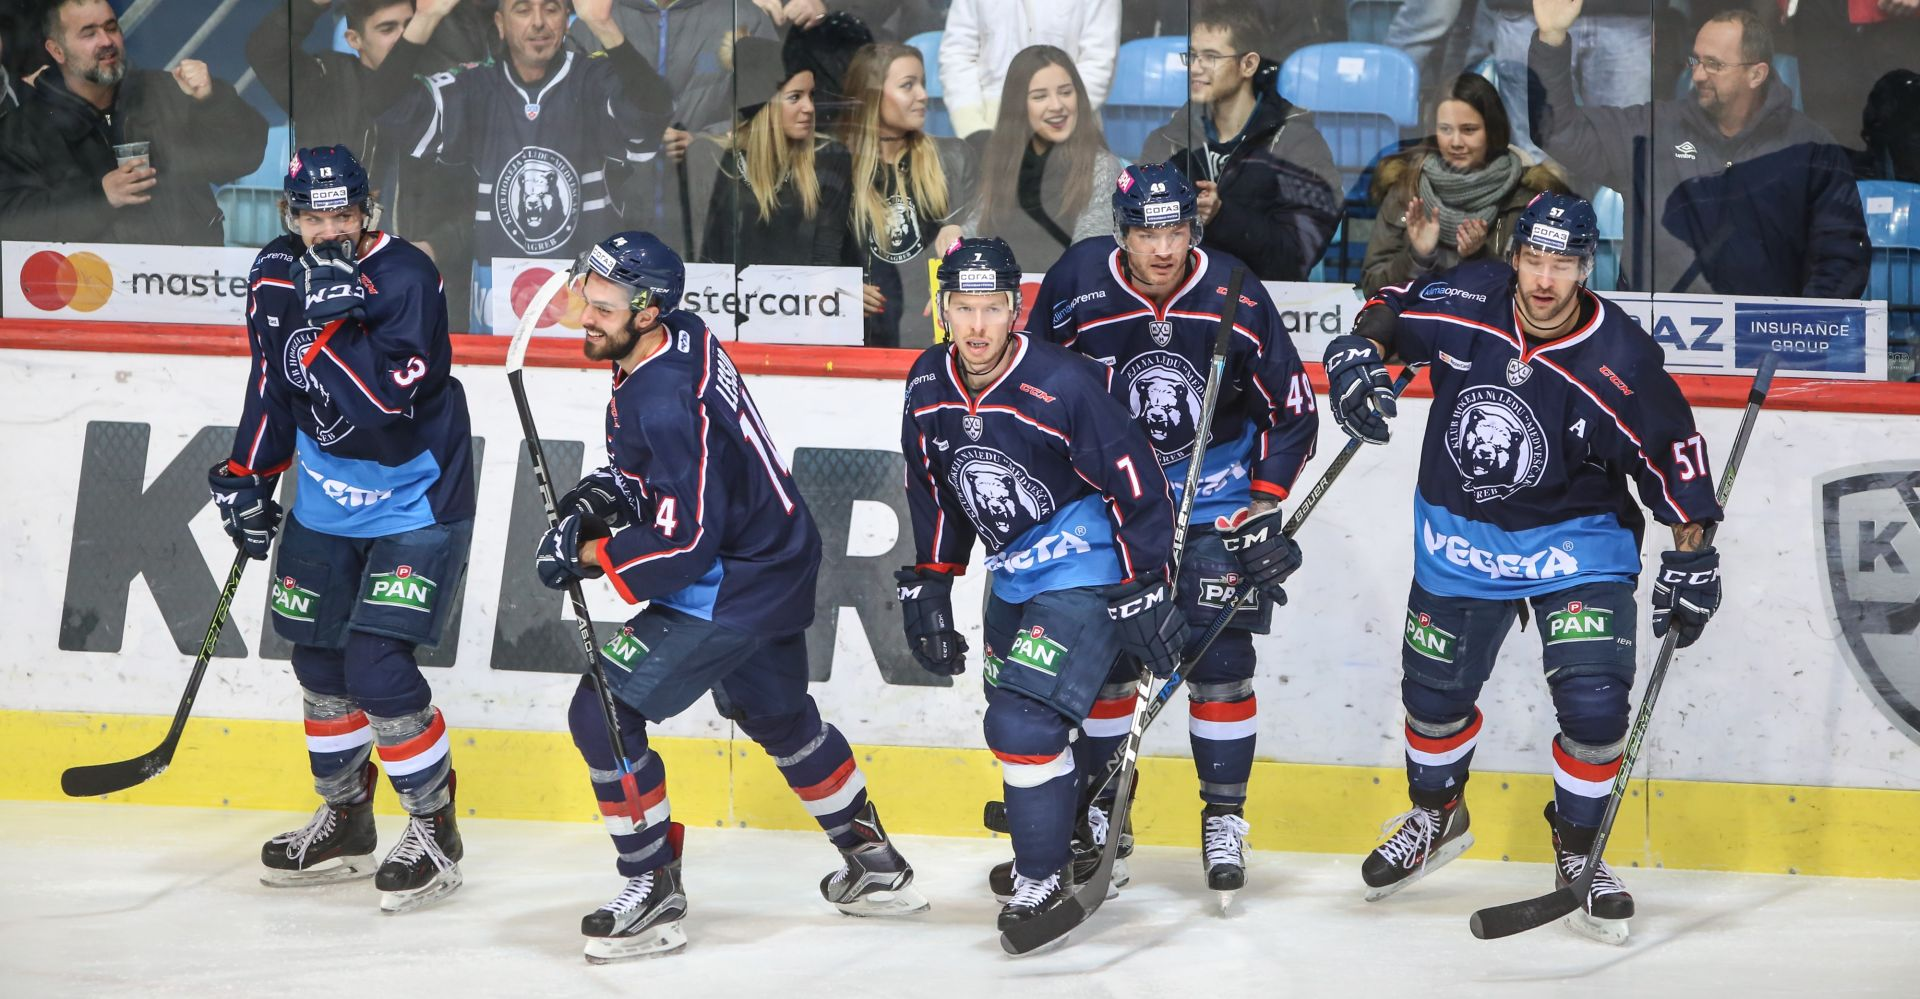 MEDVEŠČAK Odluka u kojoj će ligi 'Medvjedi' nastupiti sljedeće sezone krajem veljače ili u ožujku